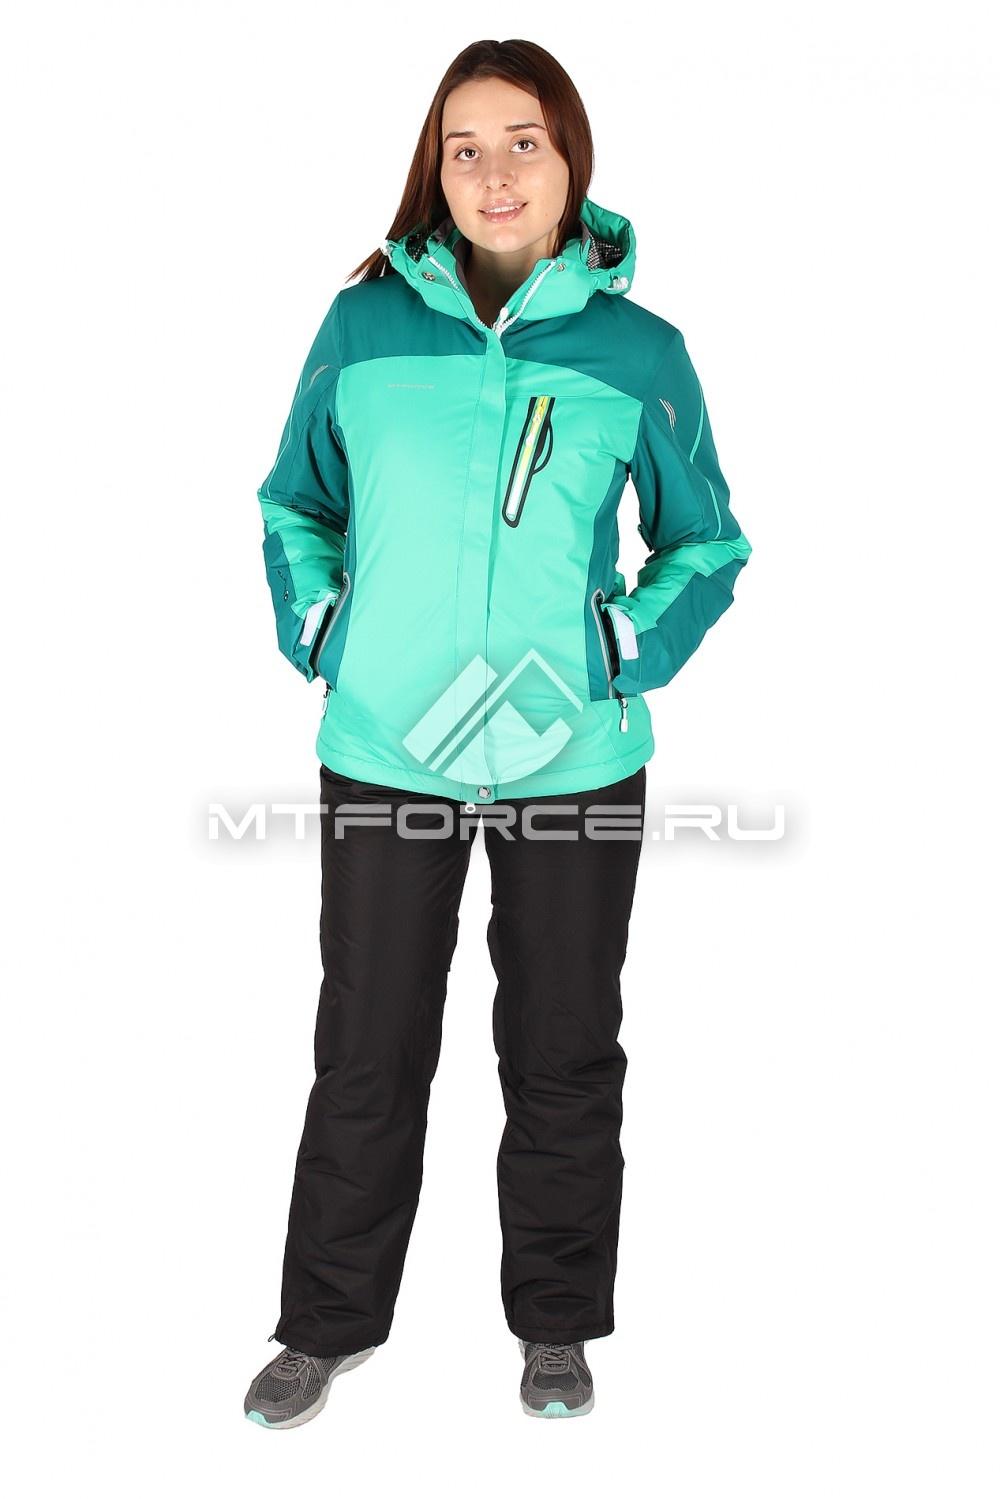 Купить                                  оптом Костюм горнолыжный женский зеленого цвета 01529Z